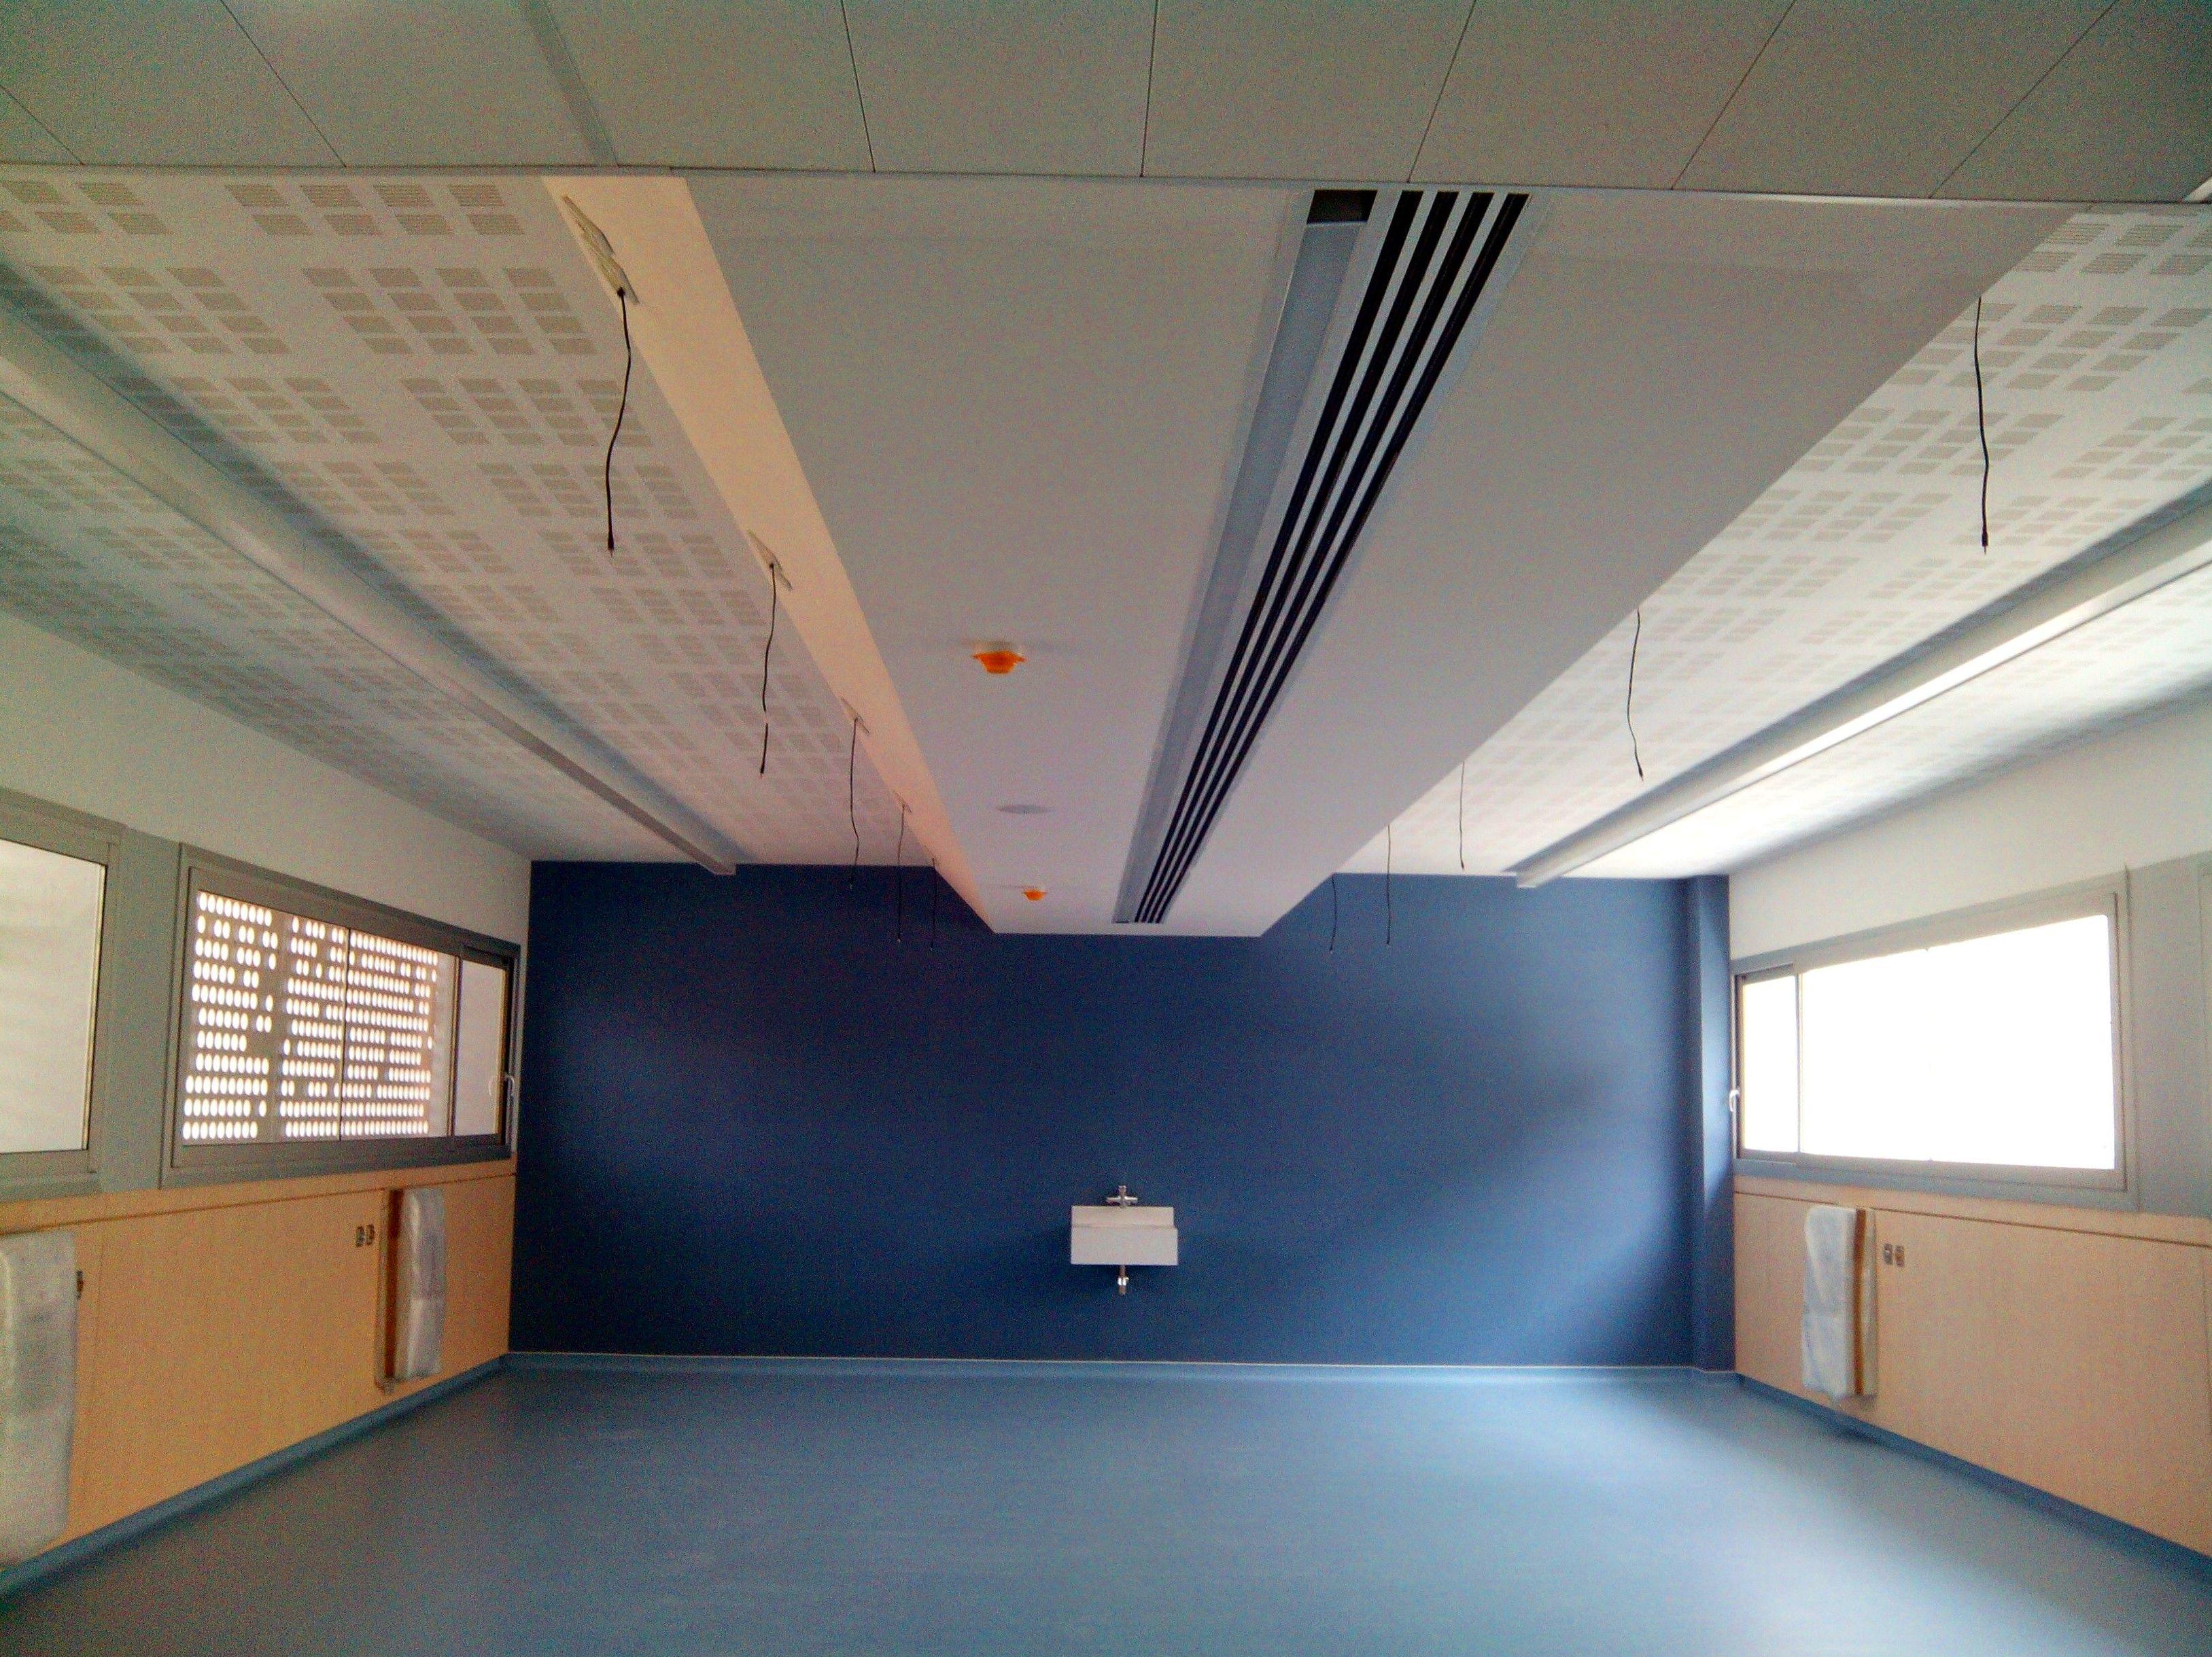 Foto 15 de Interiorismo en Terrassa | Interiors Acinter, S.L.